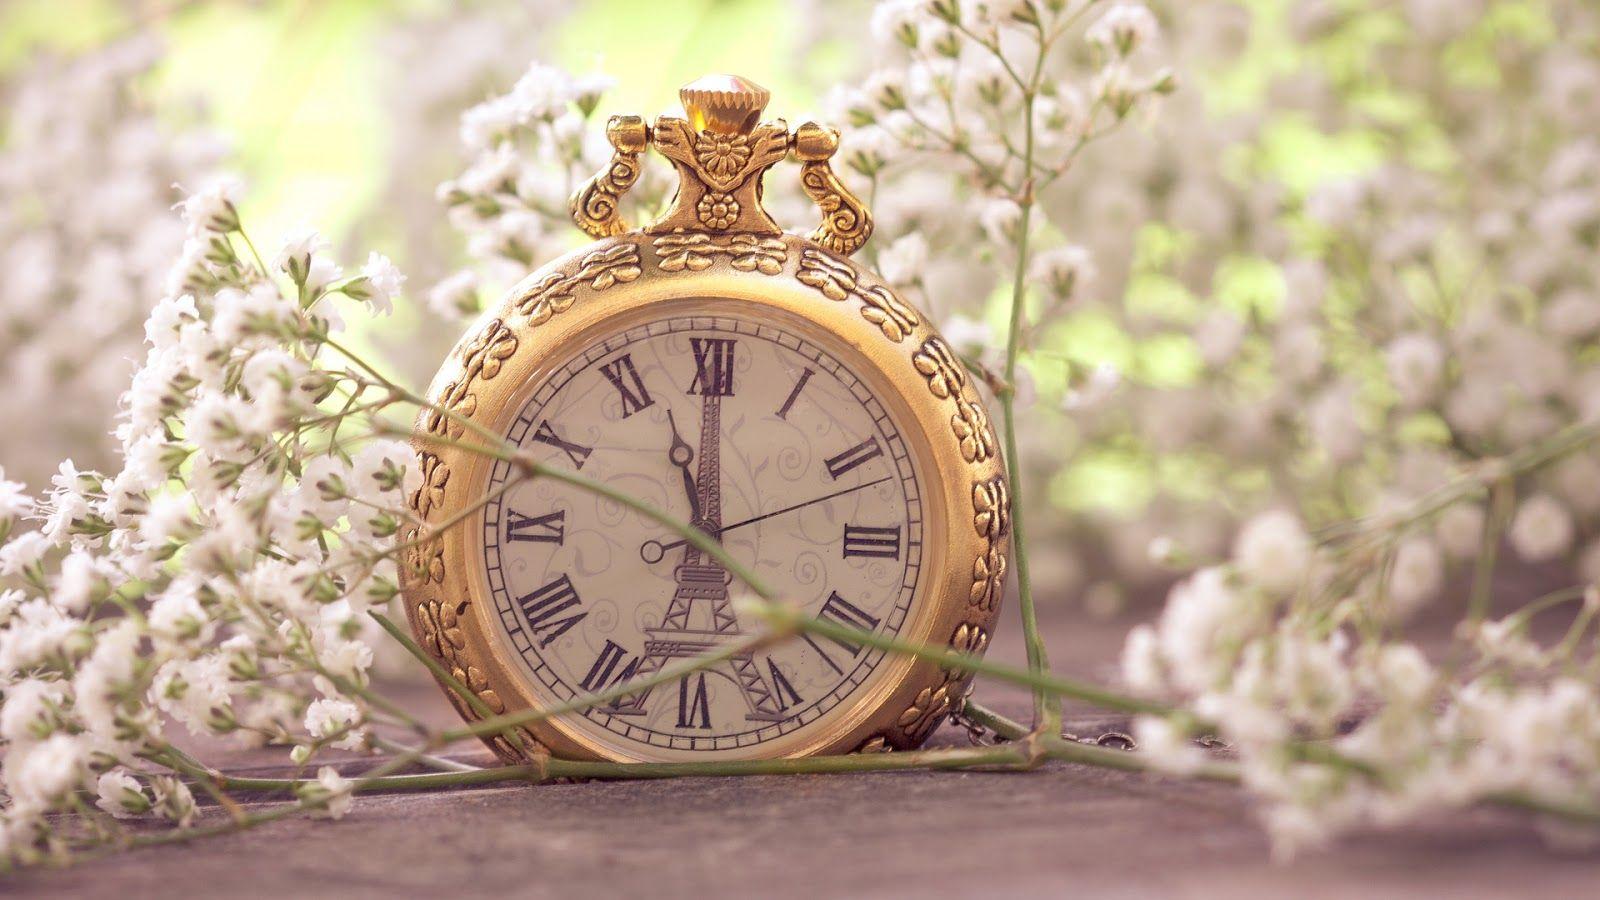 Descargar imagenes vintage para fondo celular en hd 17 hd - Reloj pared vintage ...